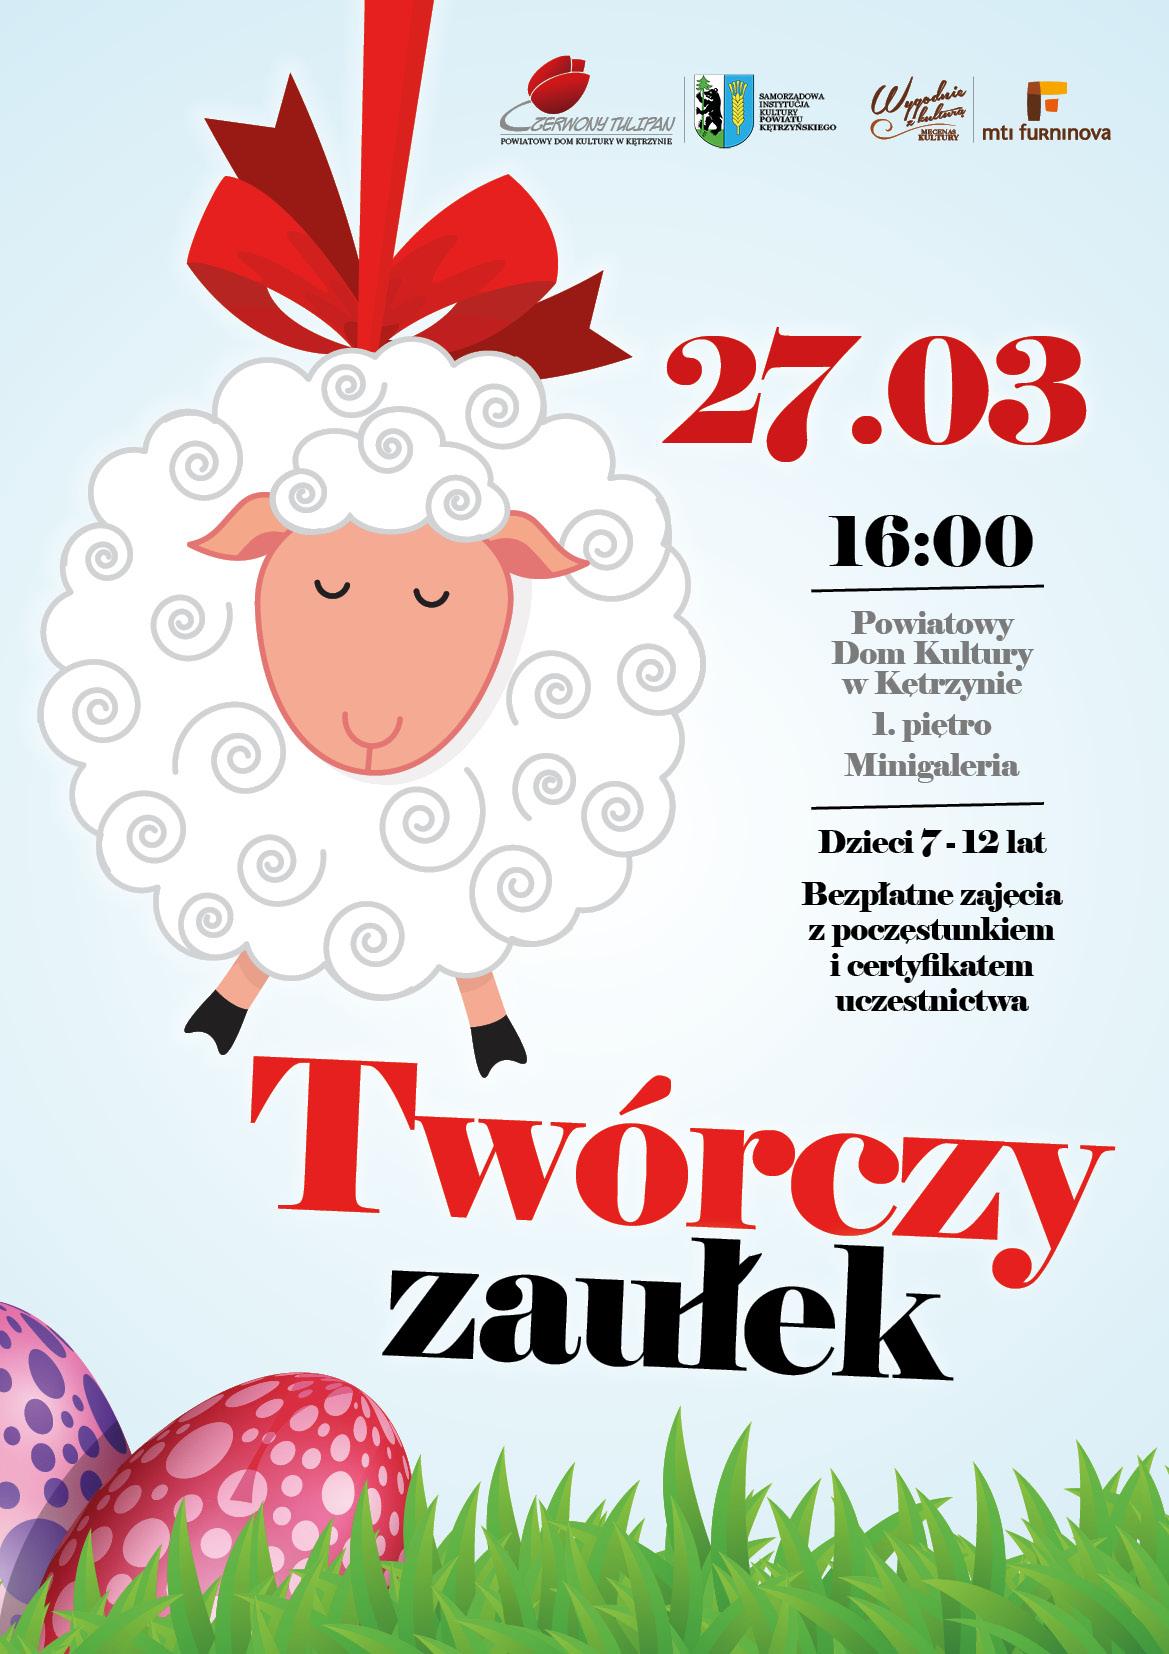 http://m.wm.pl/2018/03/orig/tworczy-zaulek-452966.jpg